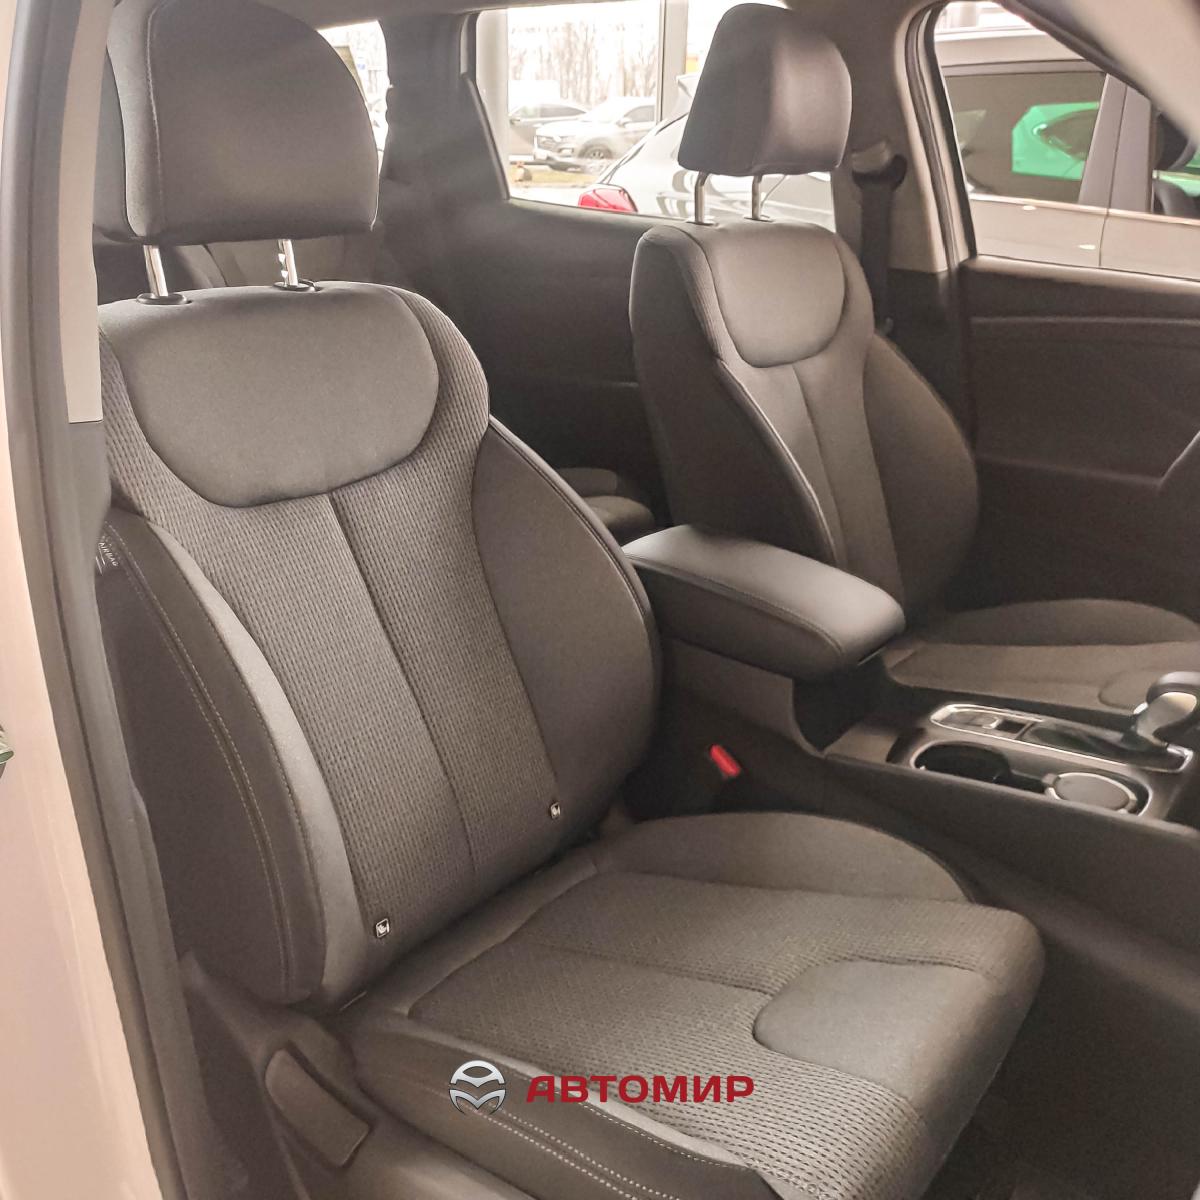 Теплі функції автомобілів Hyundai | Фрунзе-Авто - фото 10